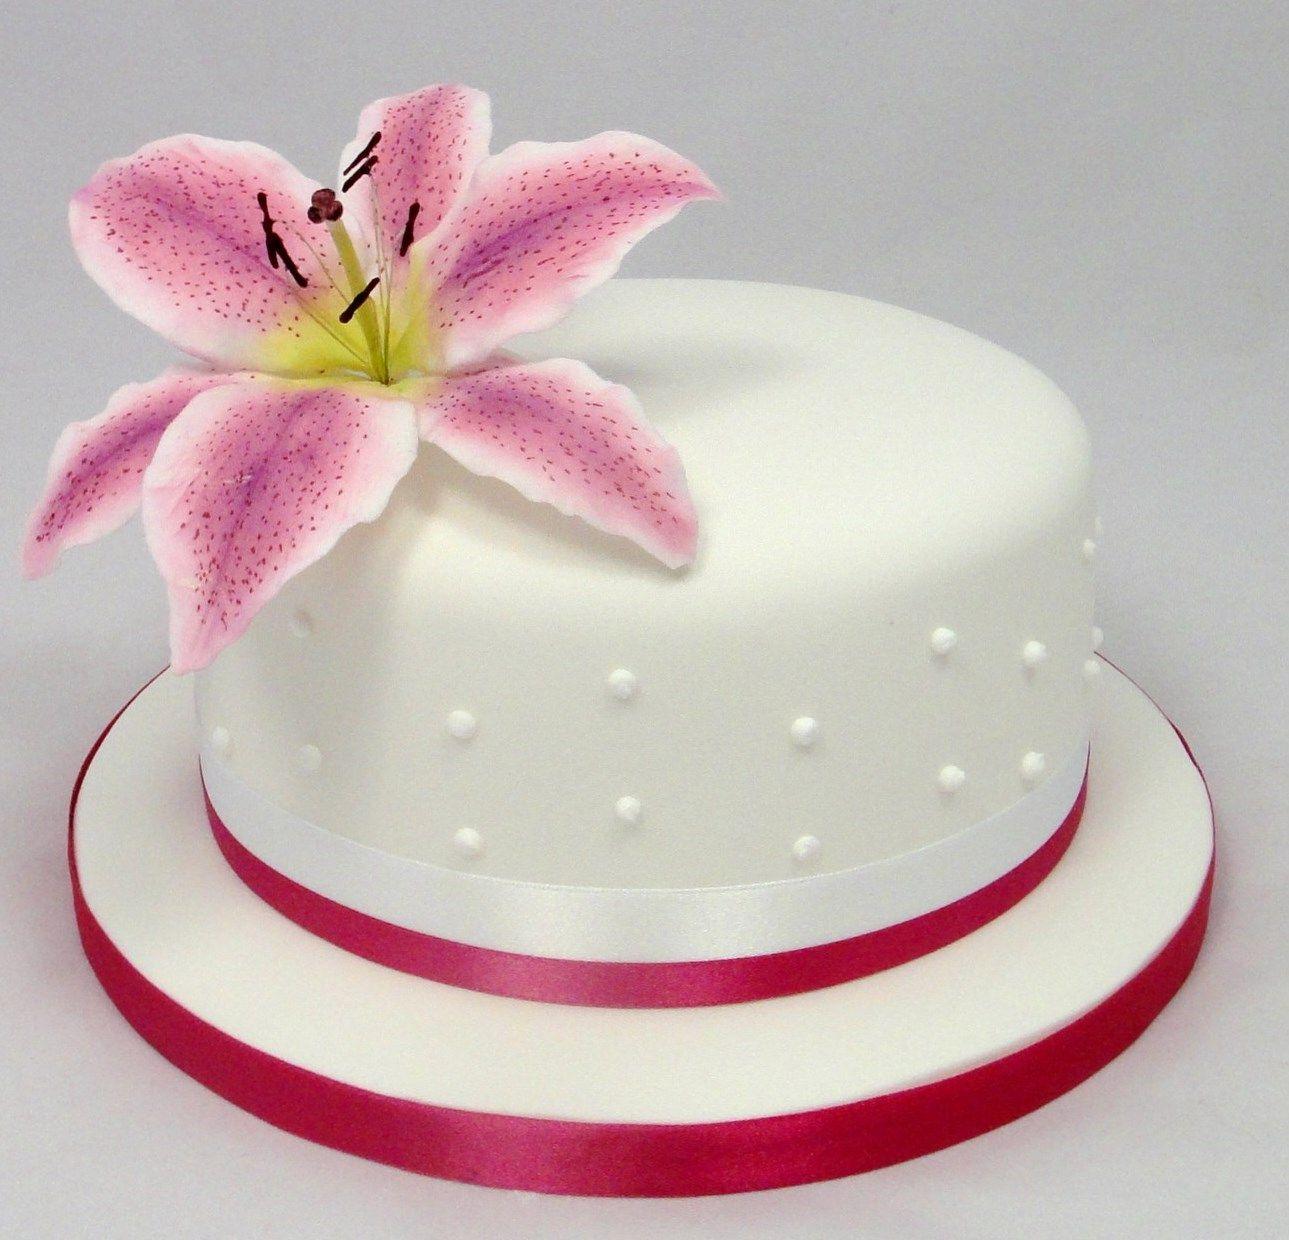 Stargazer Lily Birthday Cake 07917815712 wwwfancycakesbylindaco